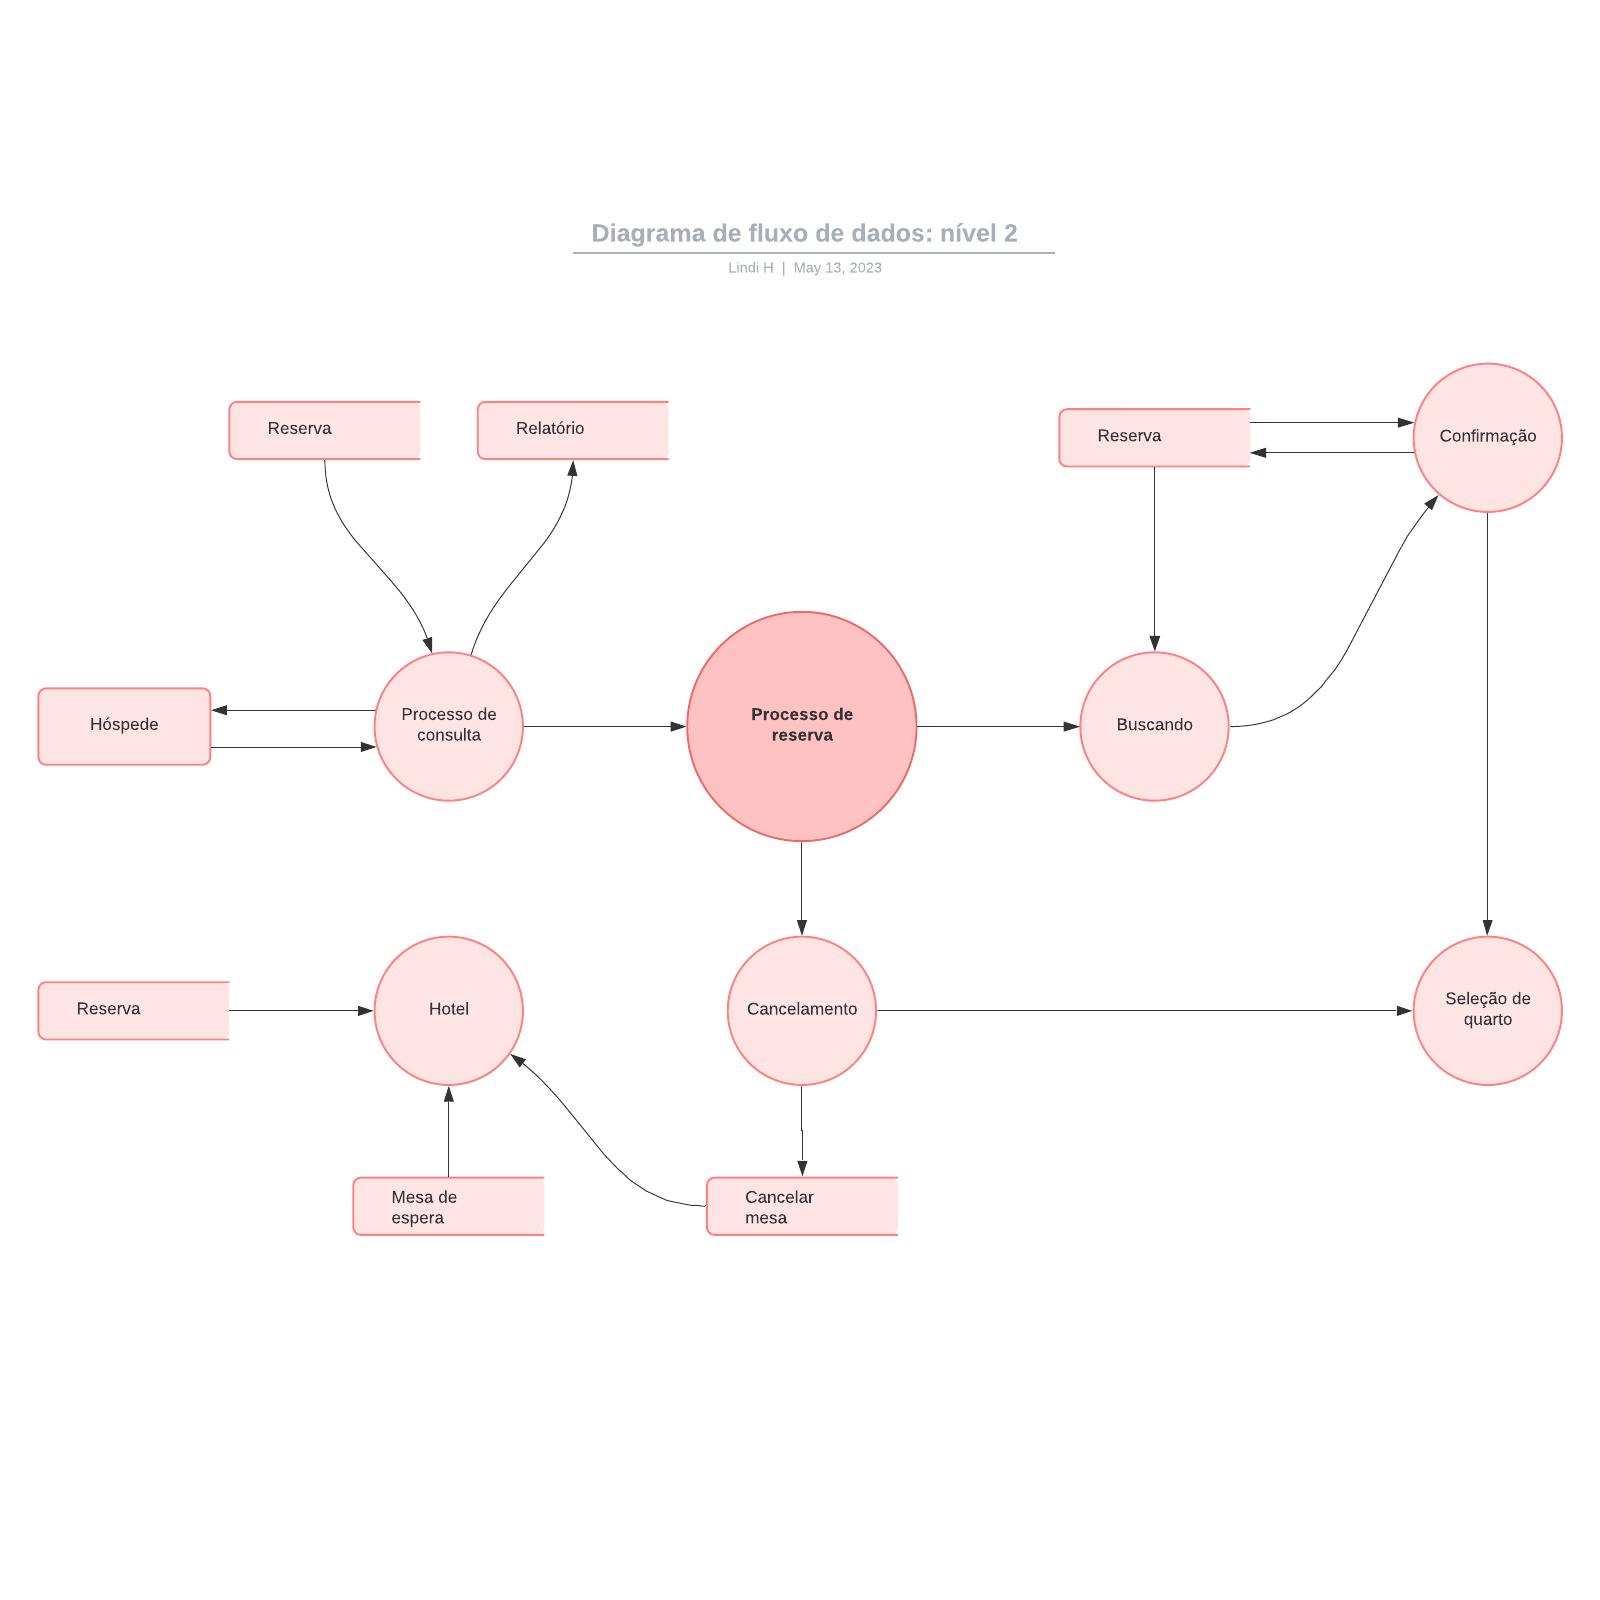 Diagrama de fluxo de dados: nível 2